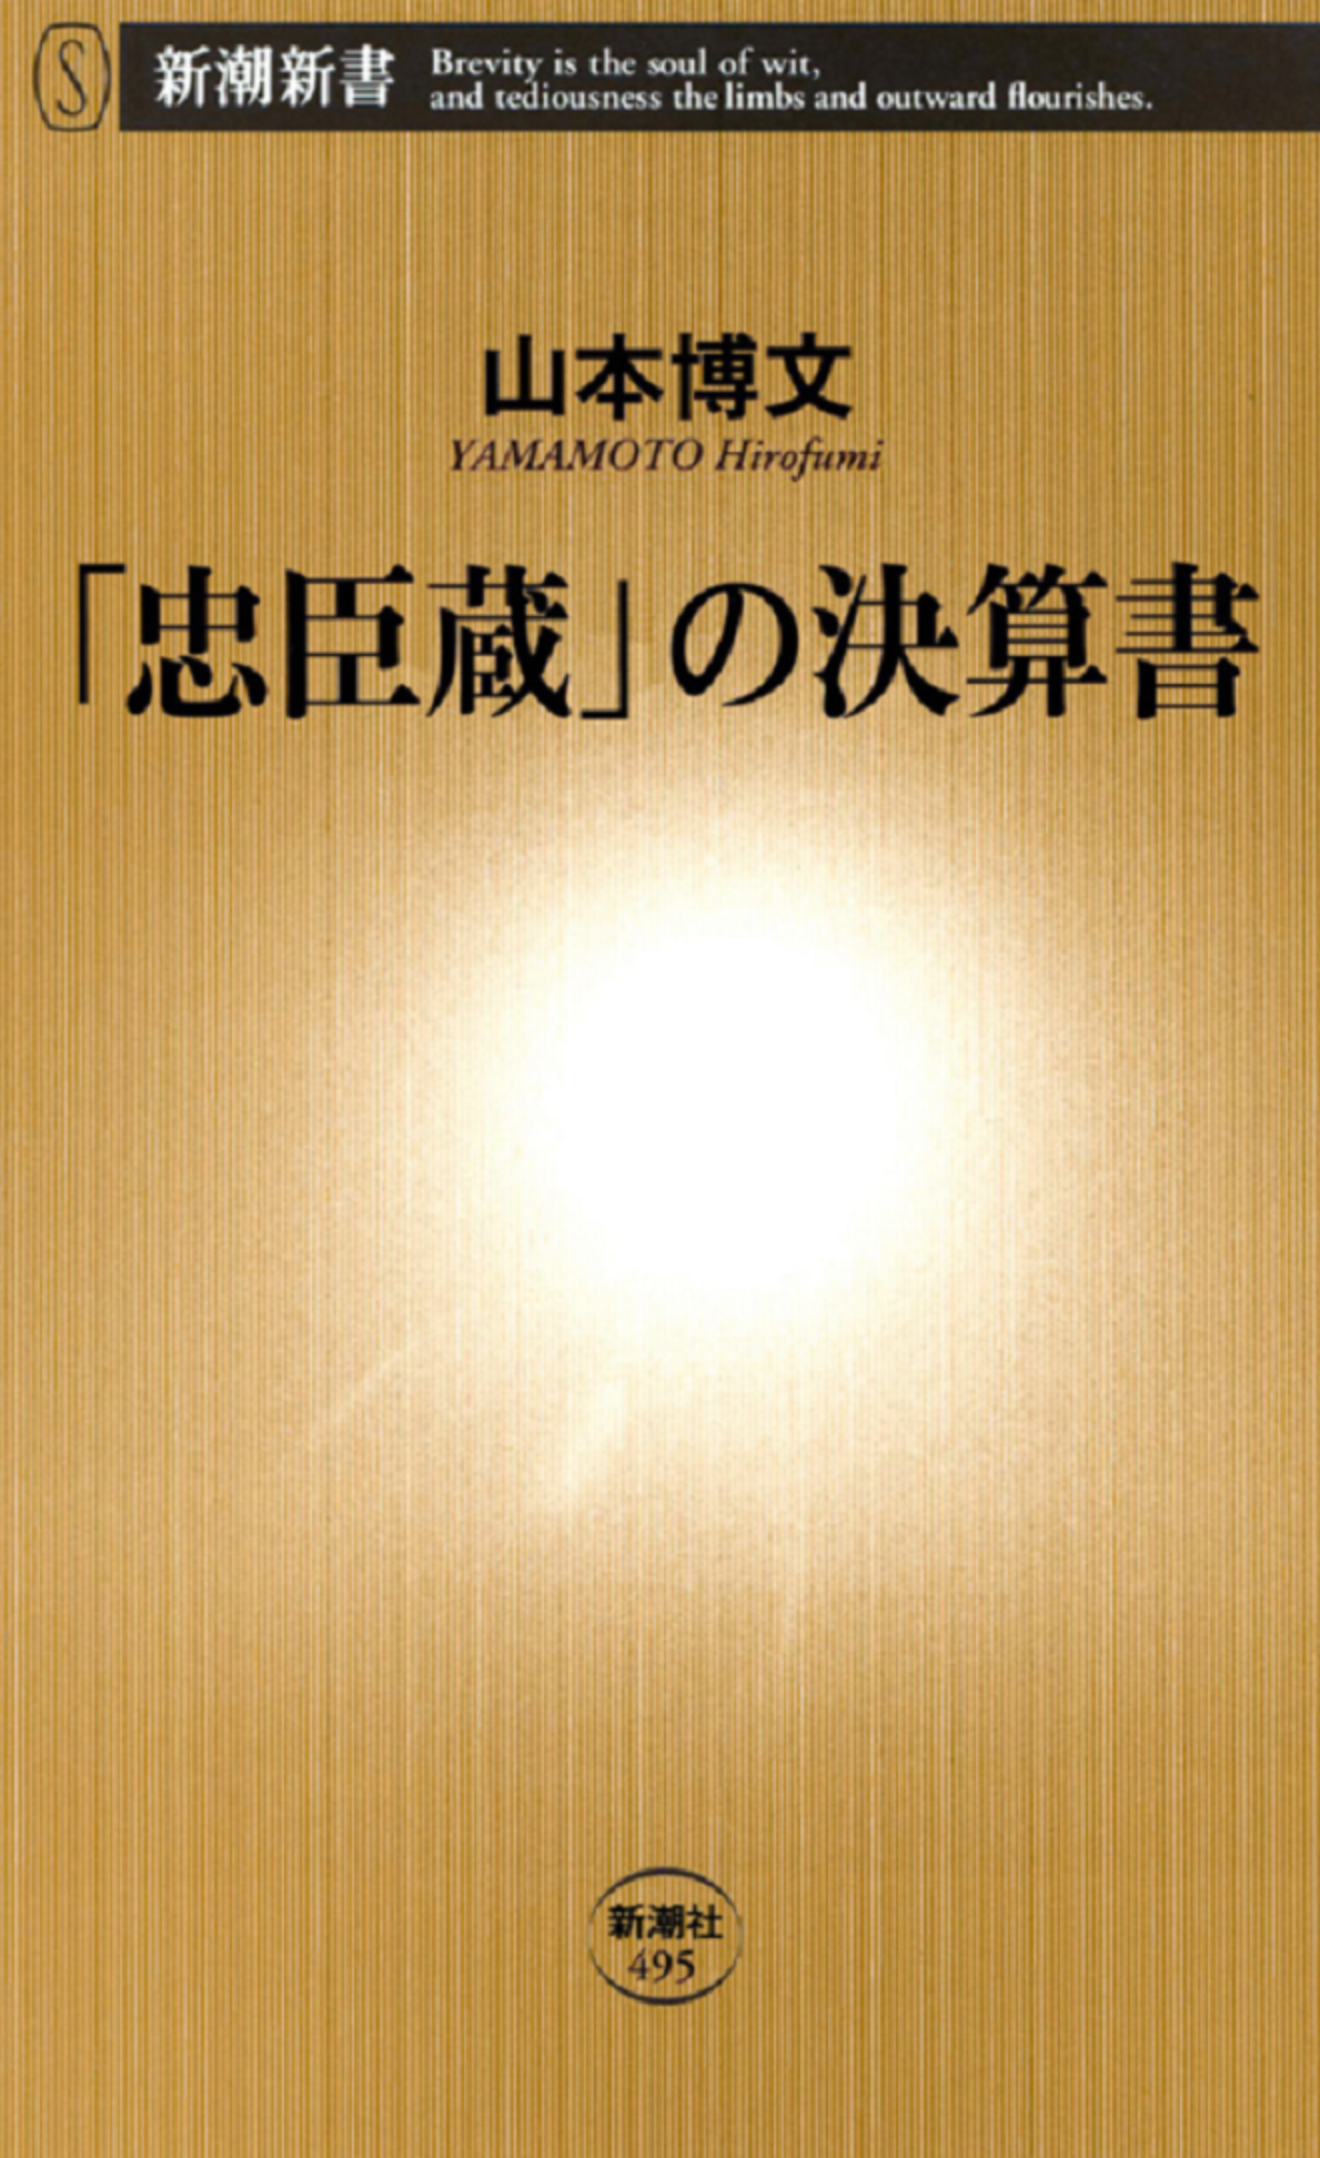 『「忠臣蔵」の決算書』の面白さが分かる4つの解説!映画化の原作をネタバレ